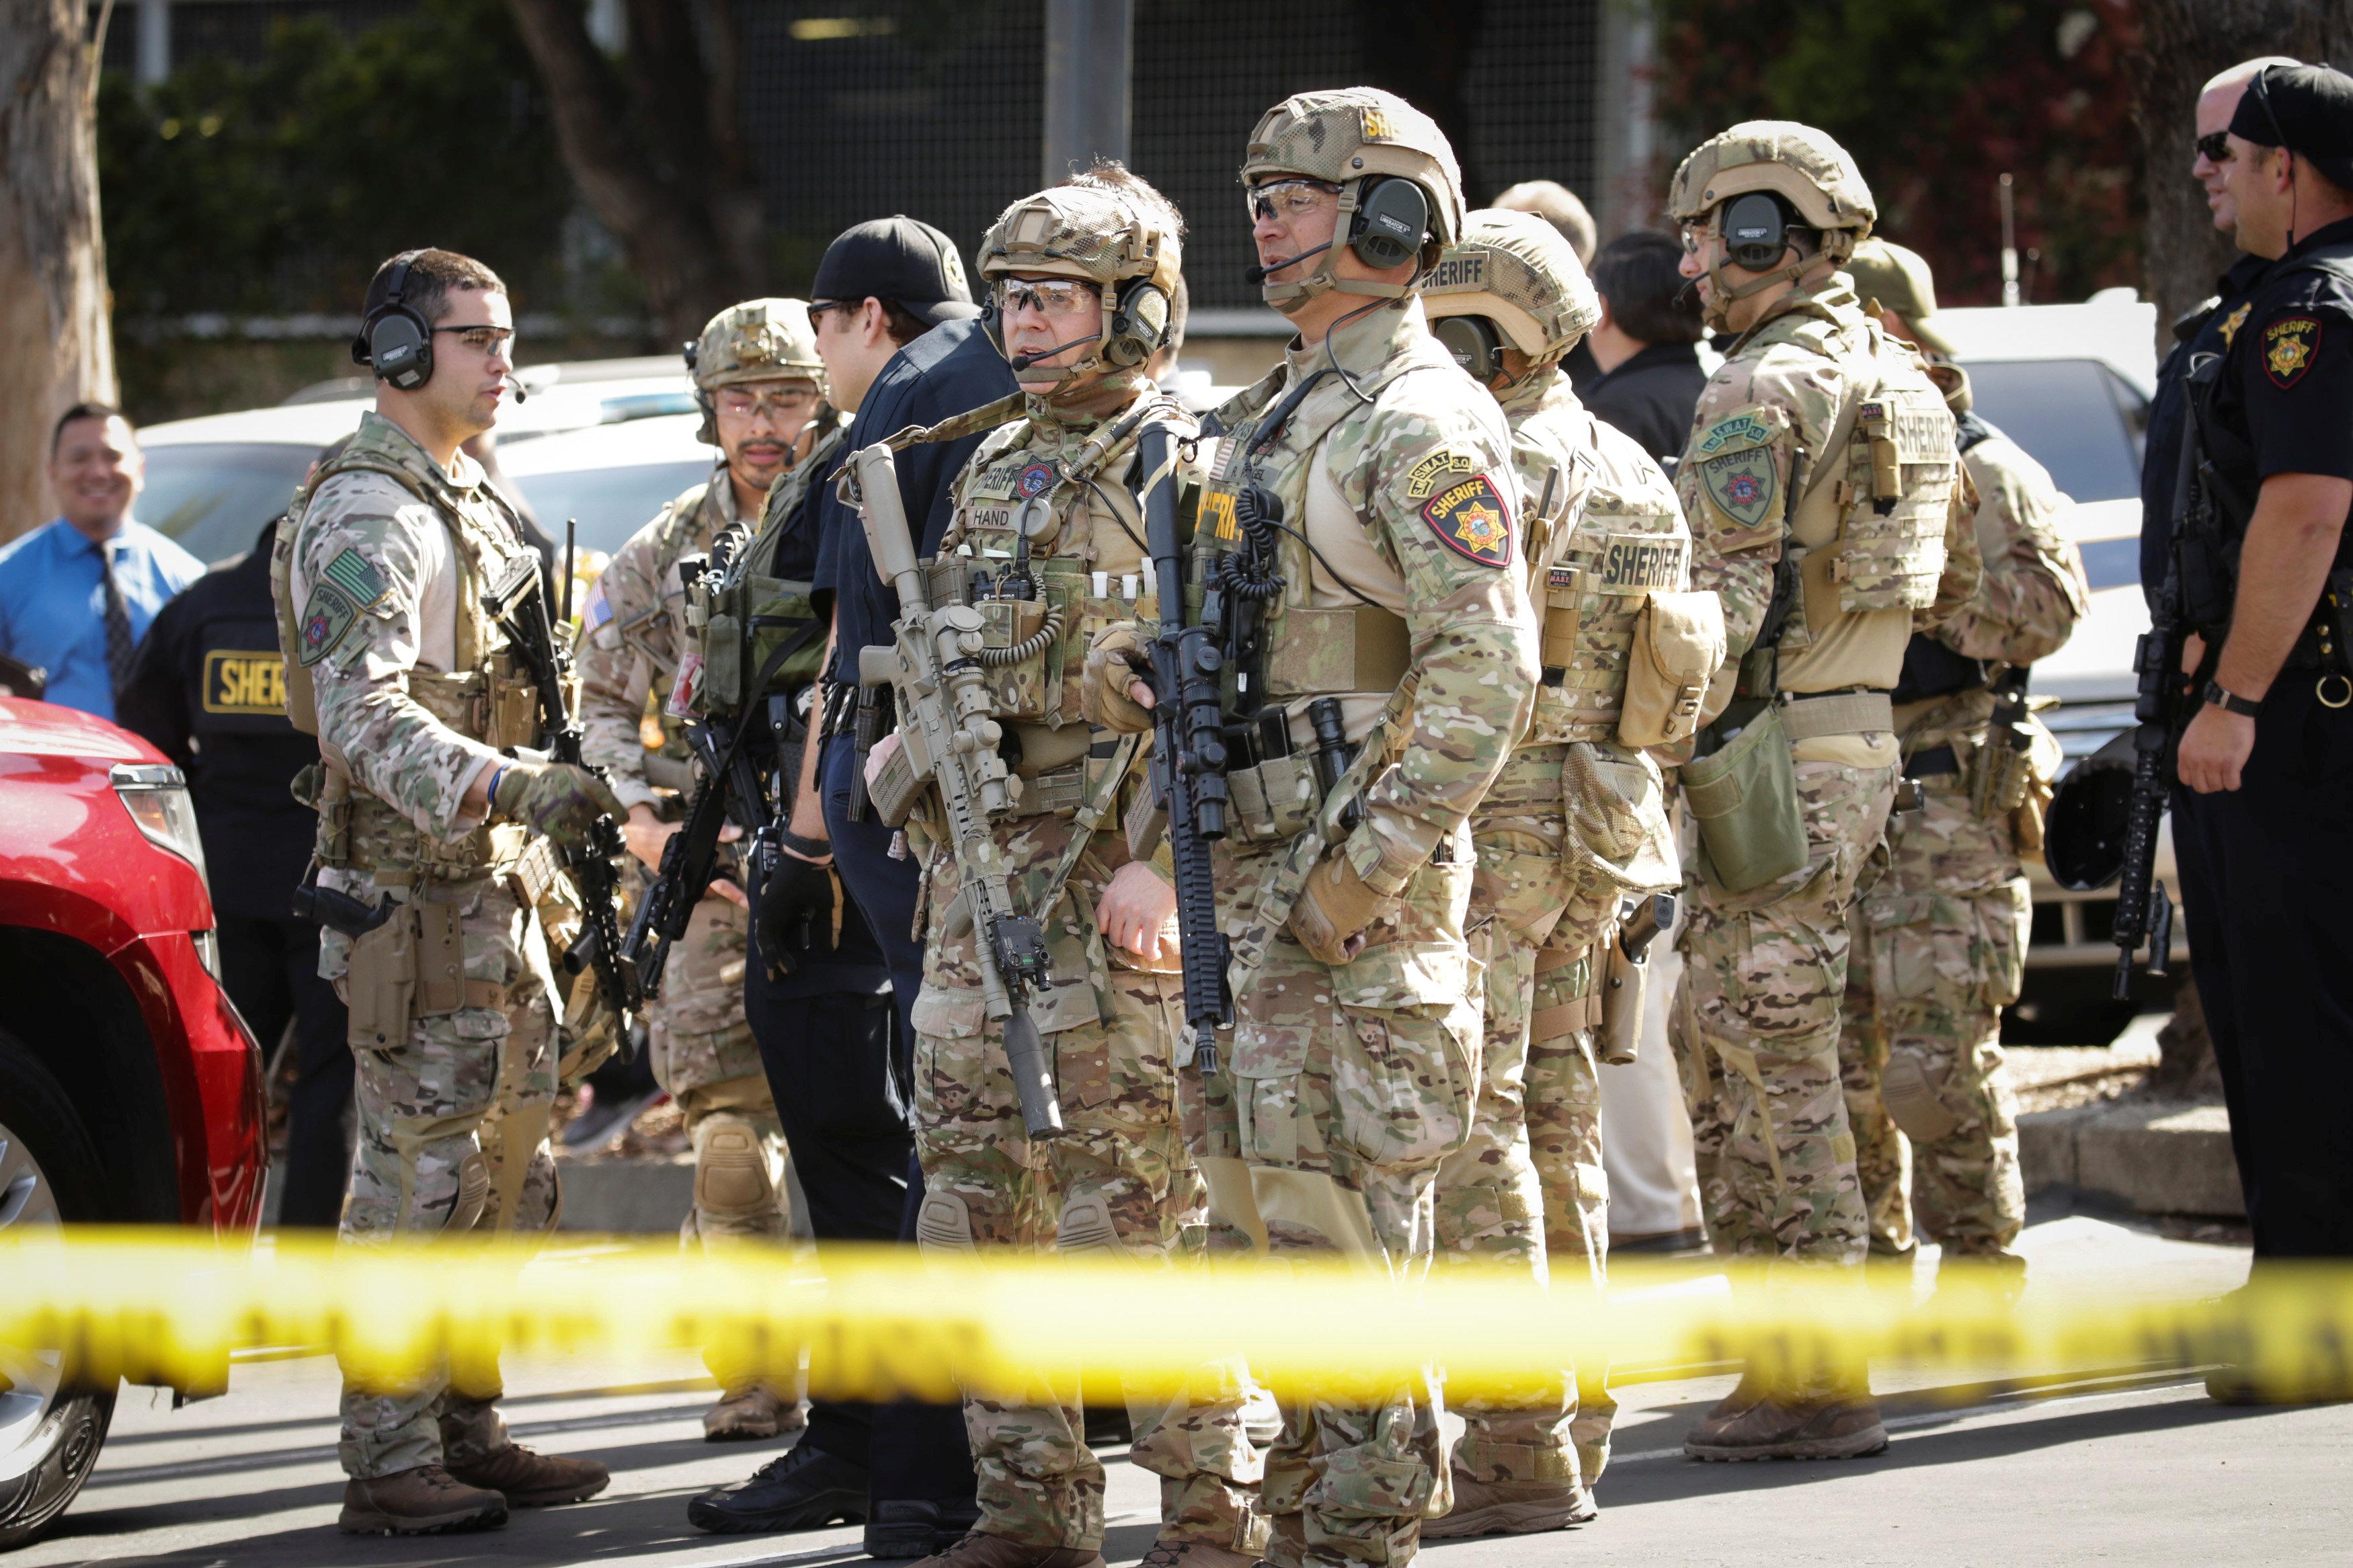 Правоохранители считают, что в штаб-квартире YouTube стрельбу устроила погибшая Насим Агдам